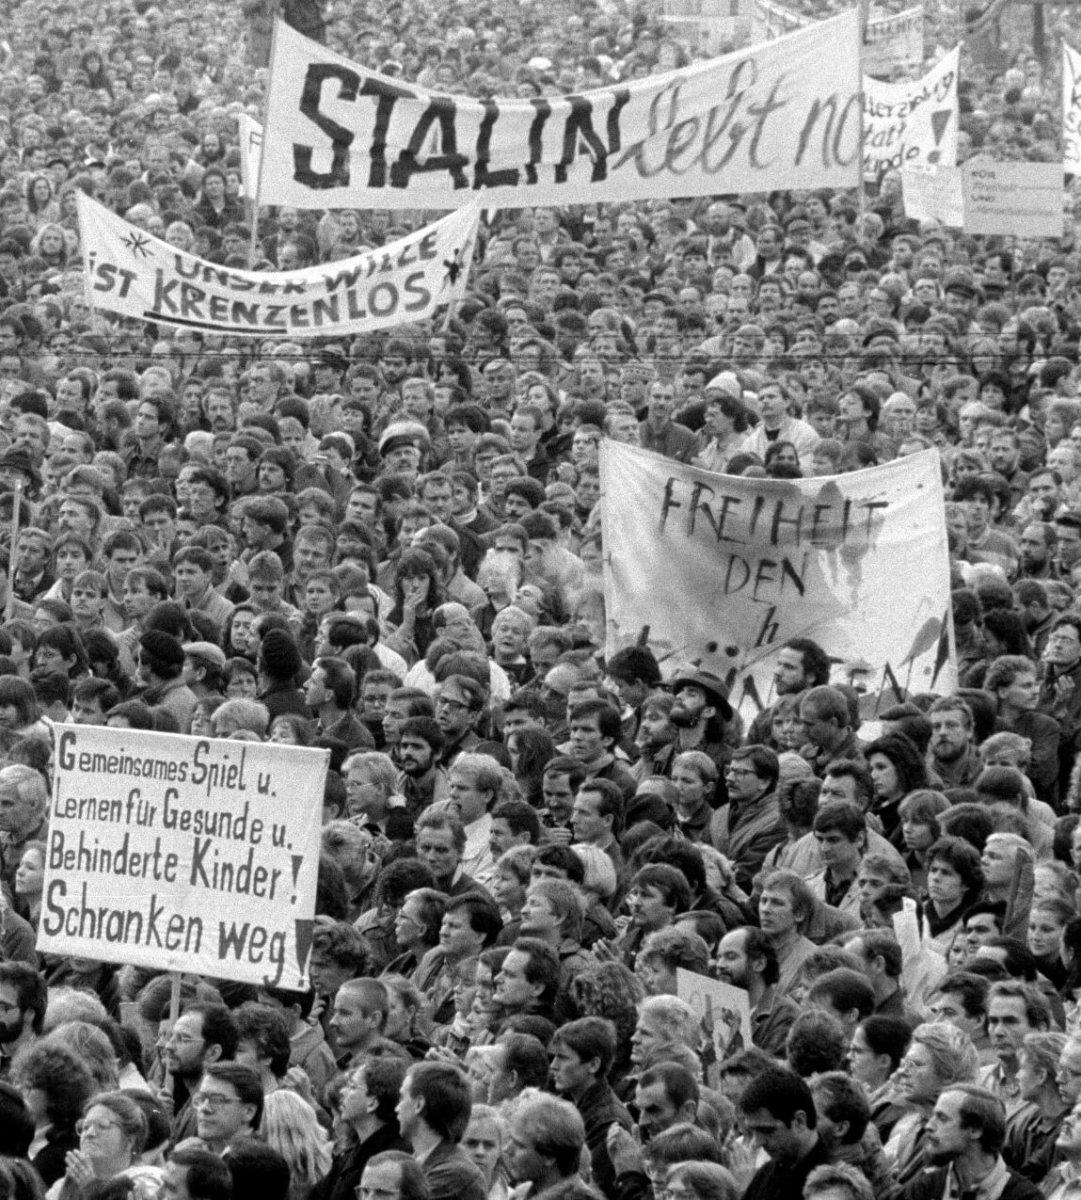 1989年11月4日,人羣集中在東柏林亞歷山大廣場展開爭取改革的和平遊行,是東德歷史上最大規模的示威遊行。(圖片:法新社)